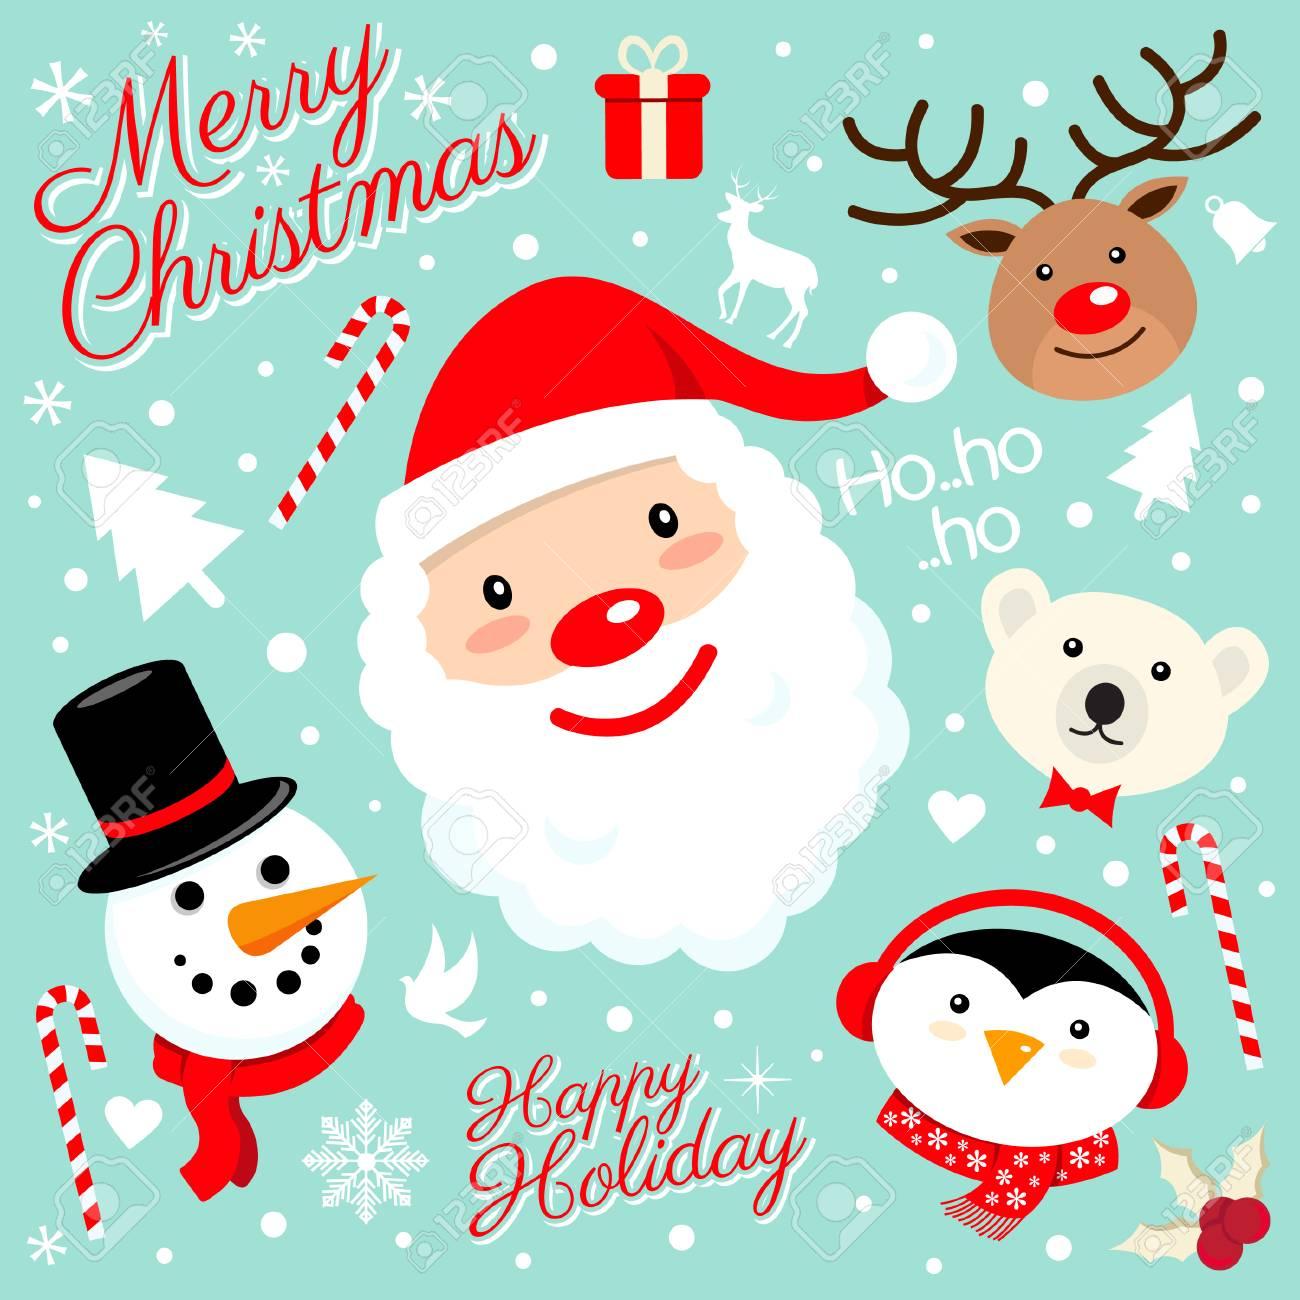 Christmas Characters - 34332188